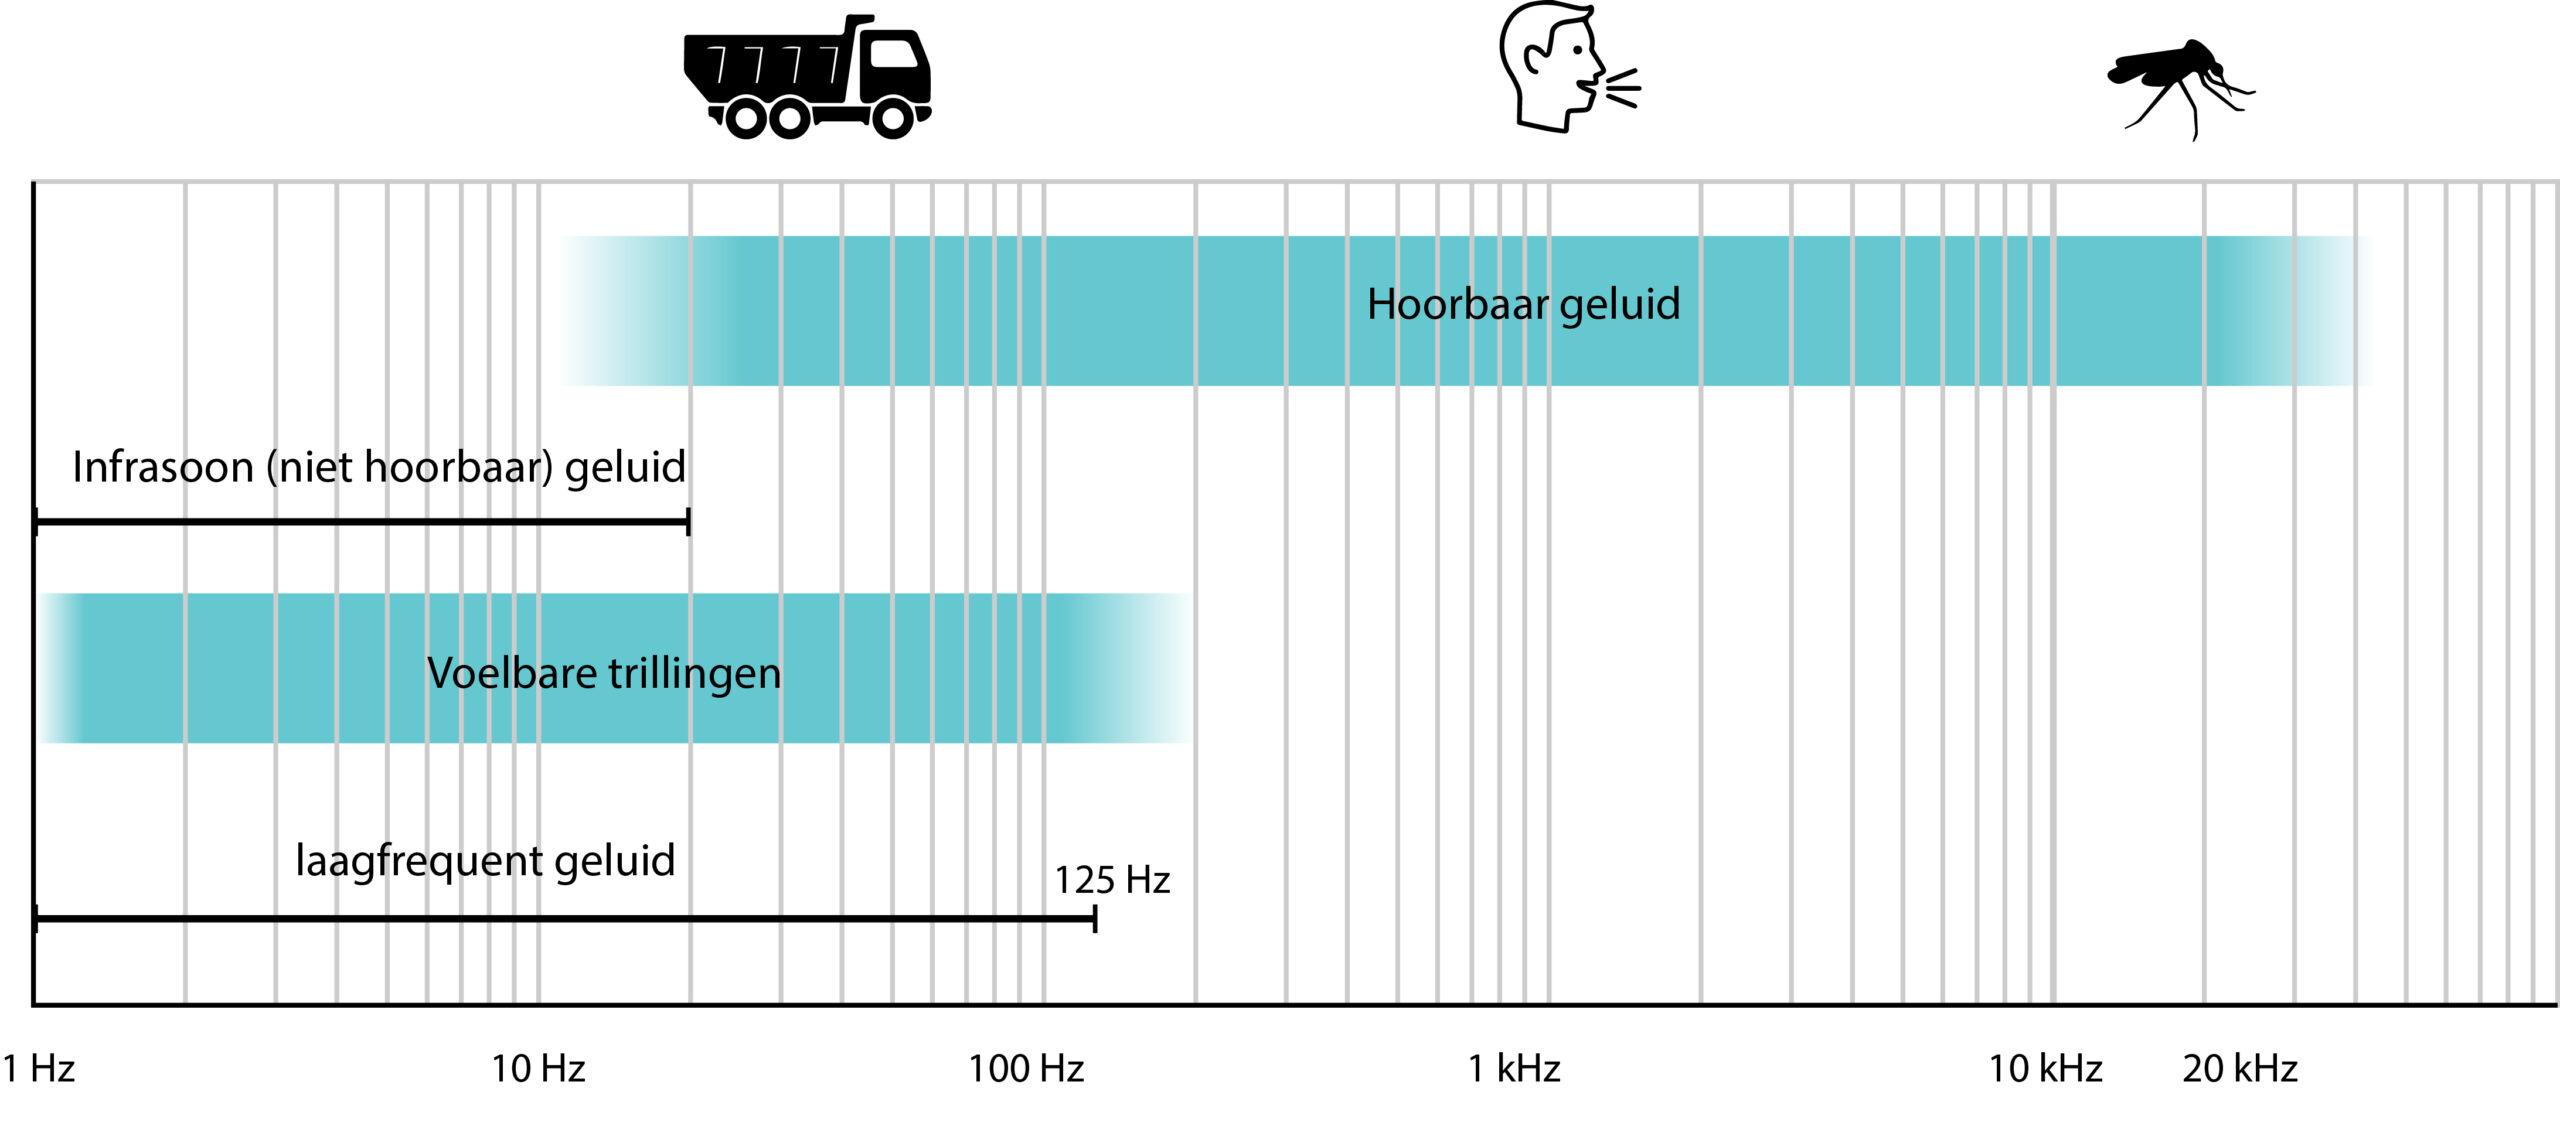 Frequentiespectrum trillingen en geluid, de frequentiegebieden van infrageluid, laagfrequent geluid, hoorbaar geluid en voelbare trillingen